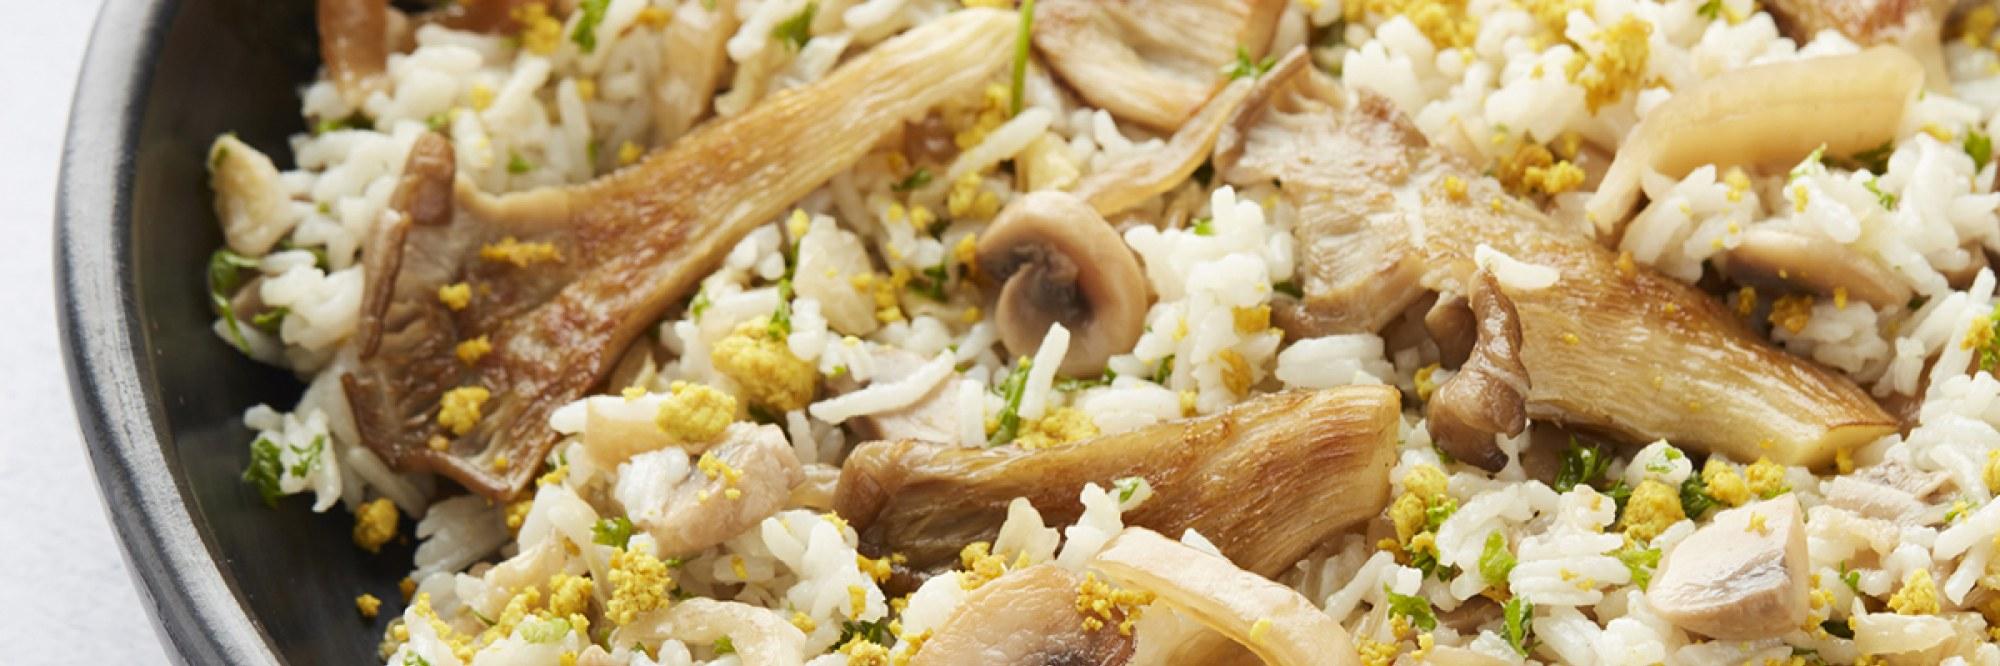 Nasi goreng aux 'oeufs' brouillés et pleurotes